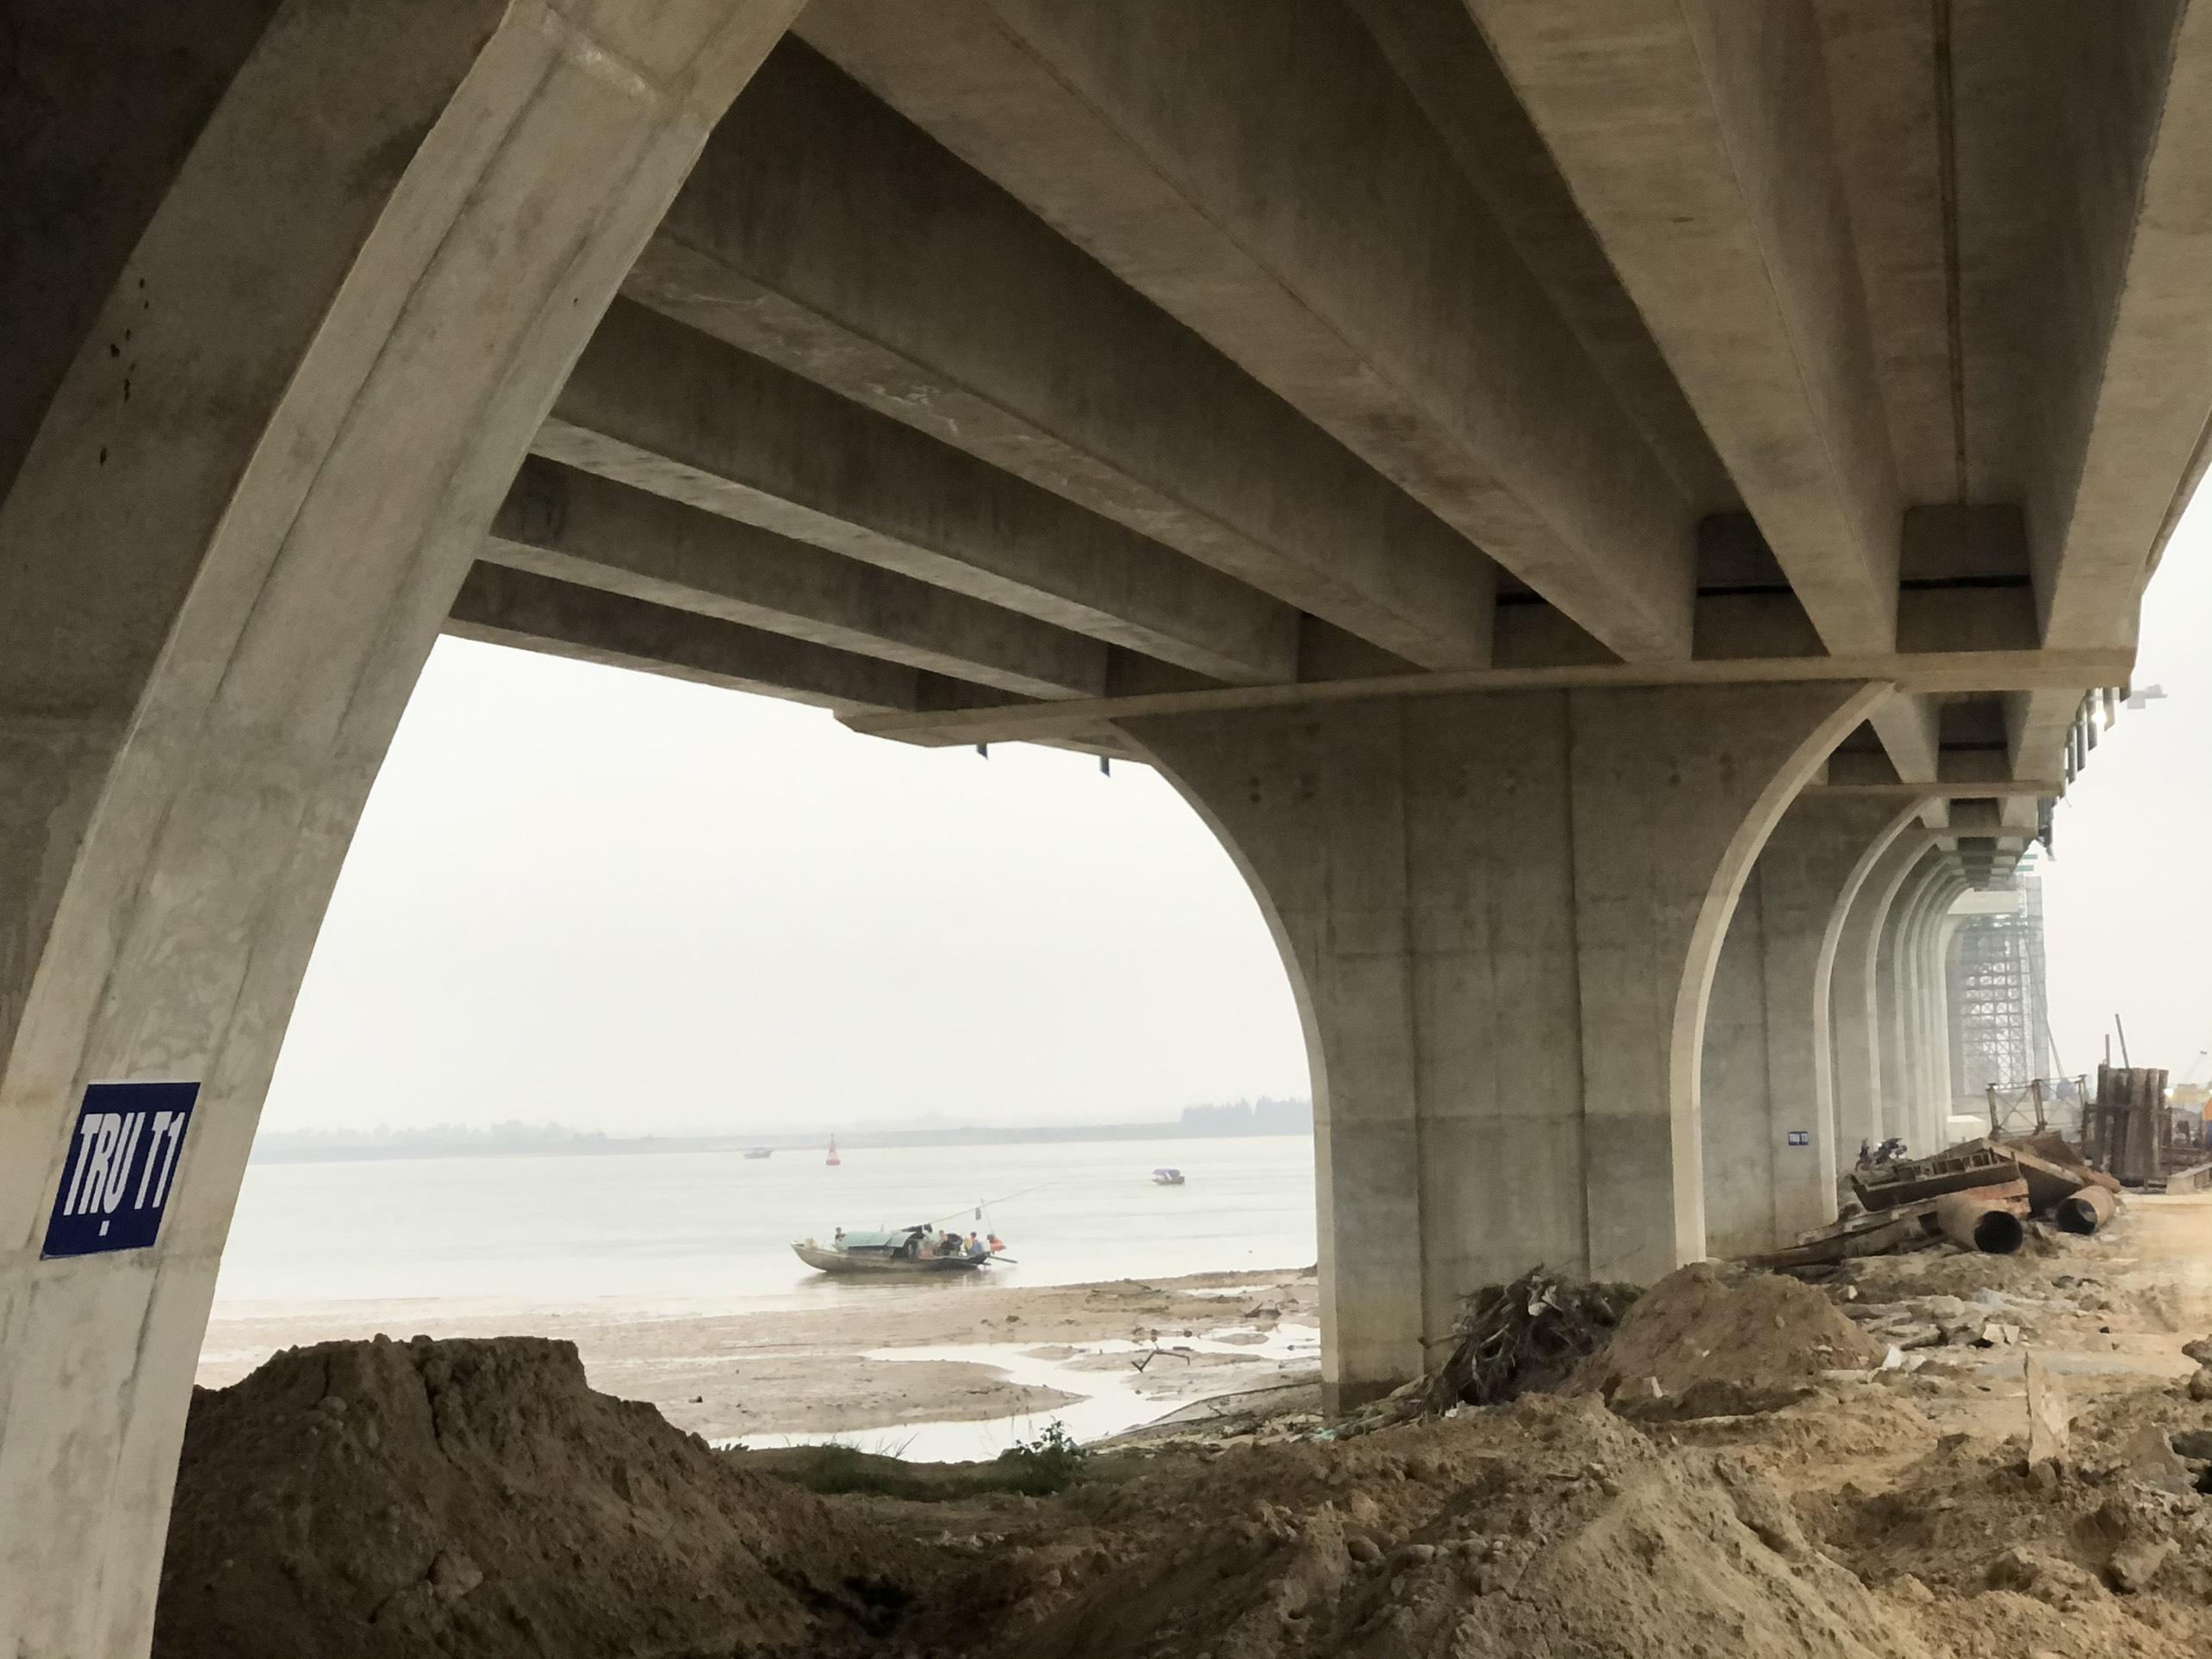 Cận cảnh cầu Cửa Hội nối hai tỉnh Nghệ An - Hà Tĩnh, tổng mức đầu tư 950 tỉ đồng, dự kiến thông xe tháng 8/2020 - Ảnh 8.